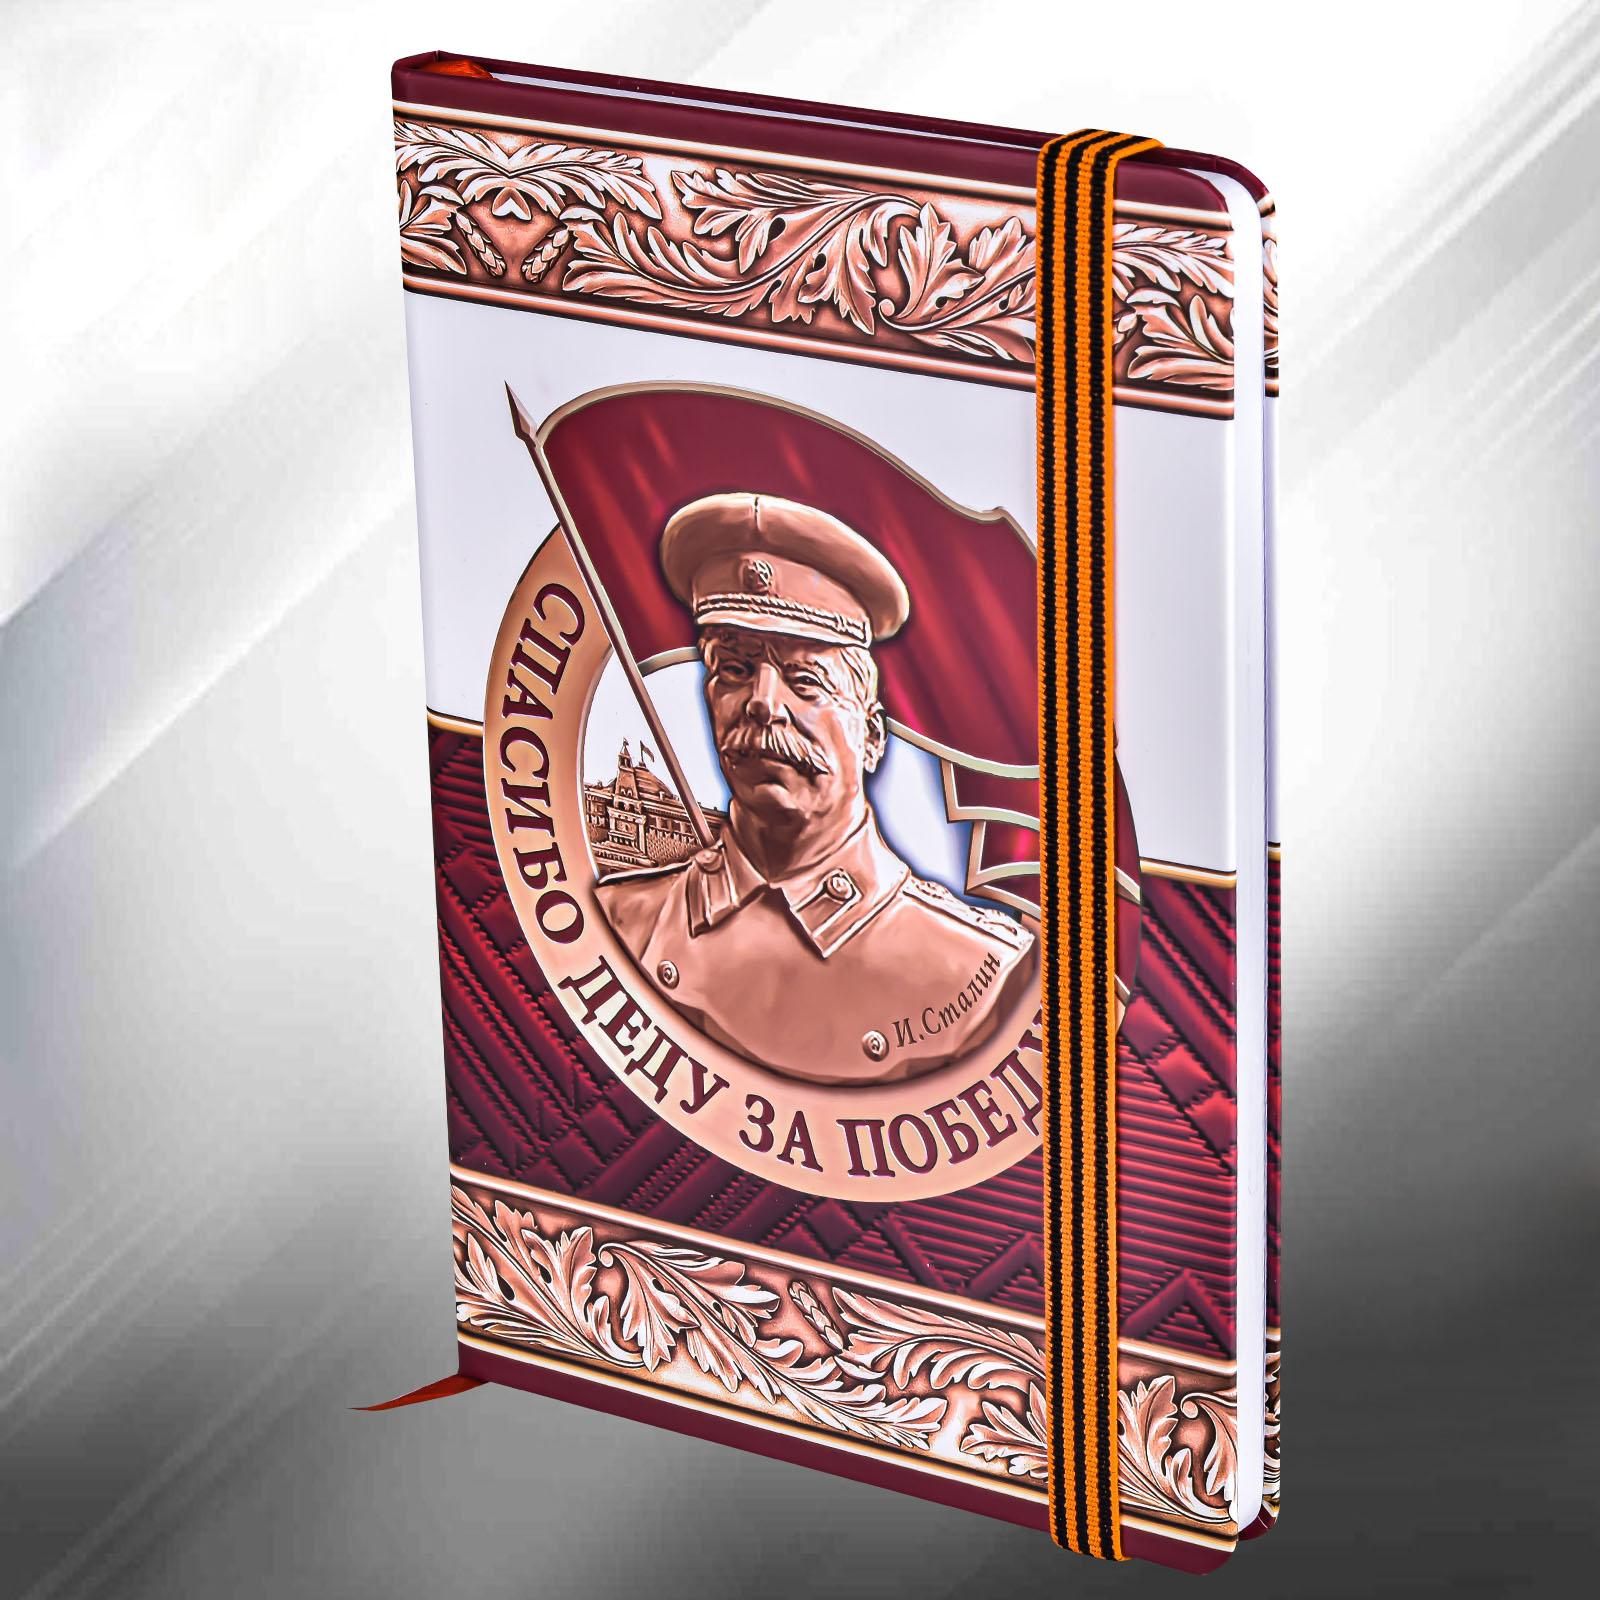 Блокнот с изображением Сталина